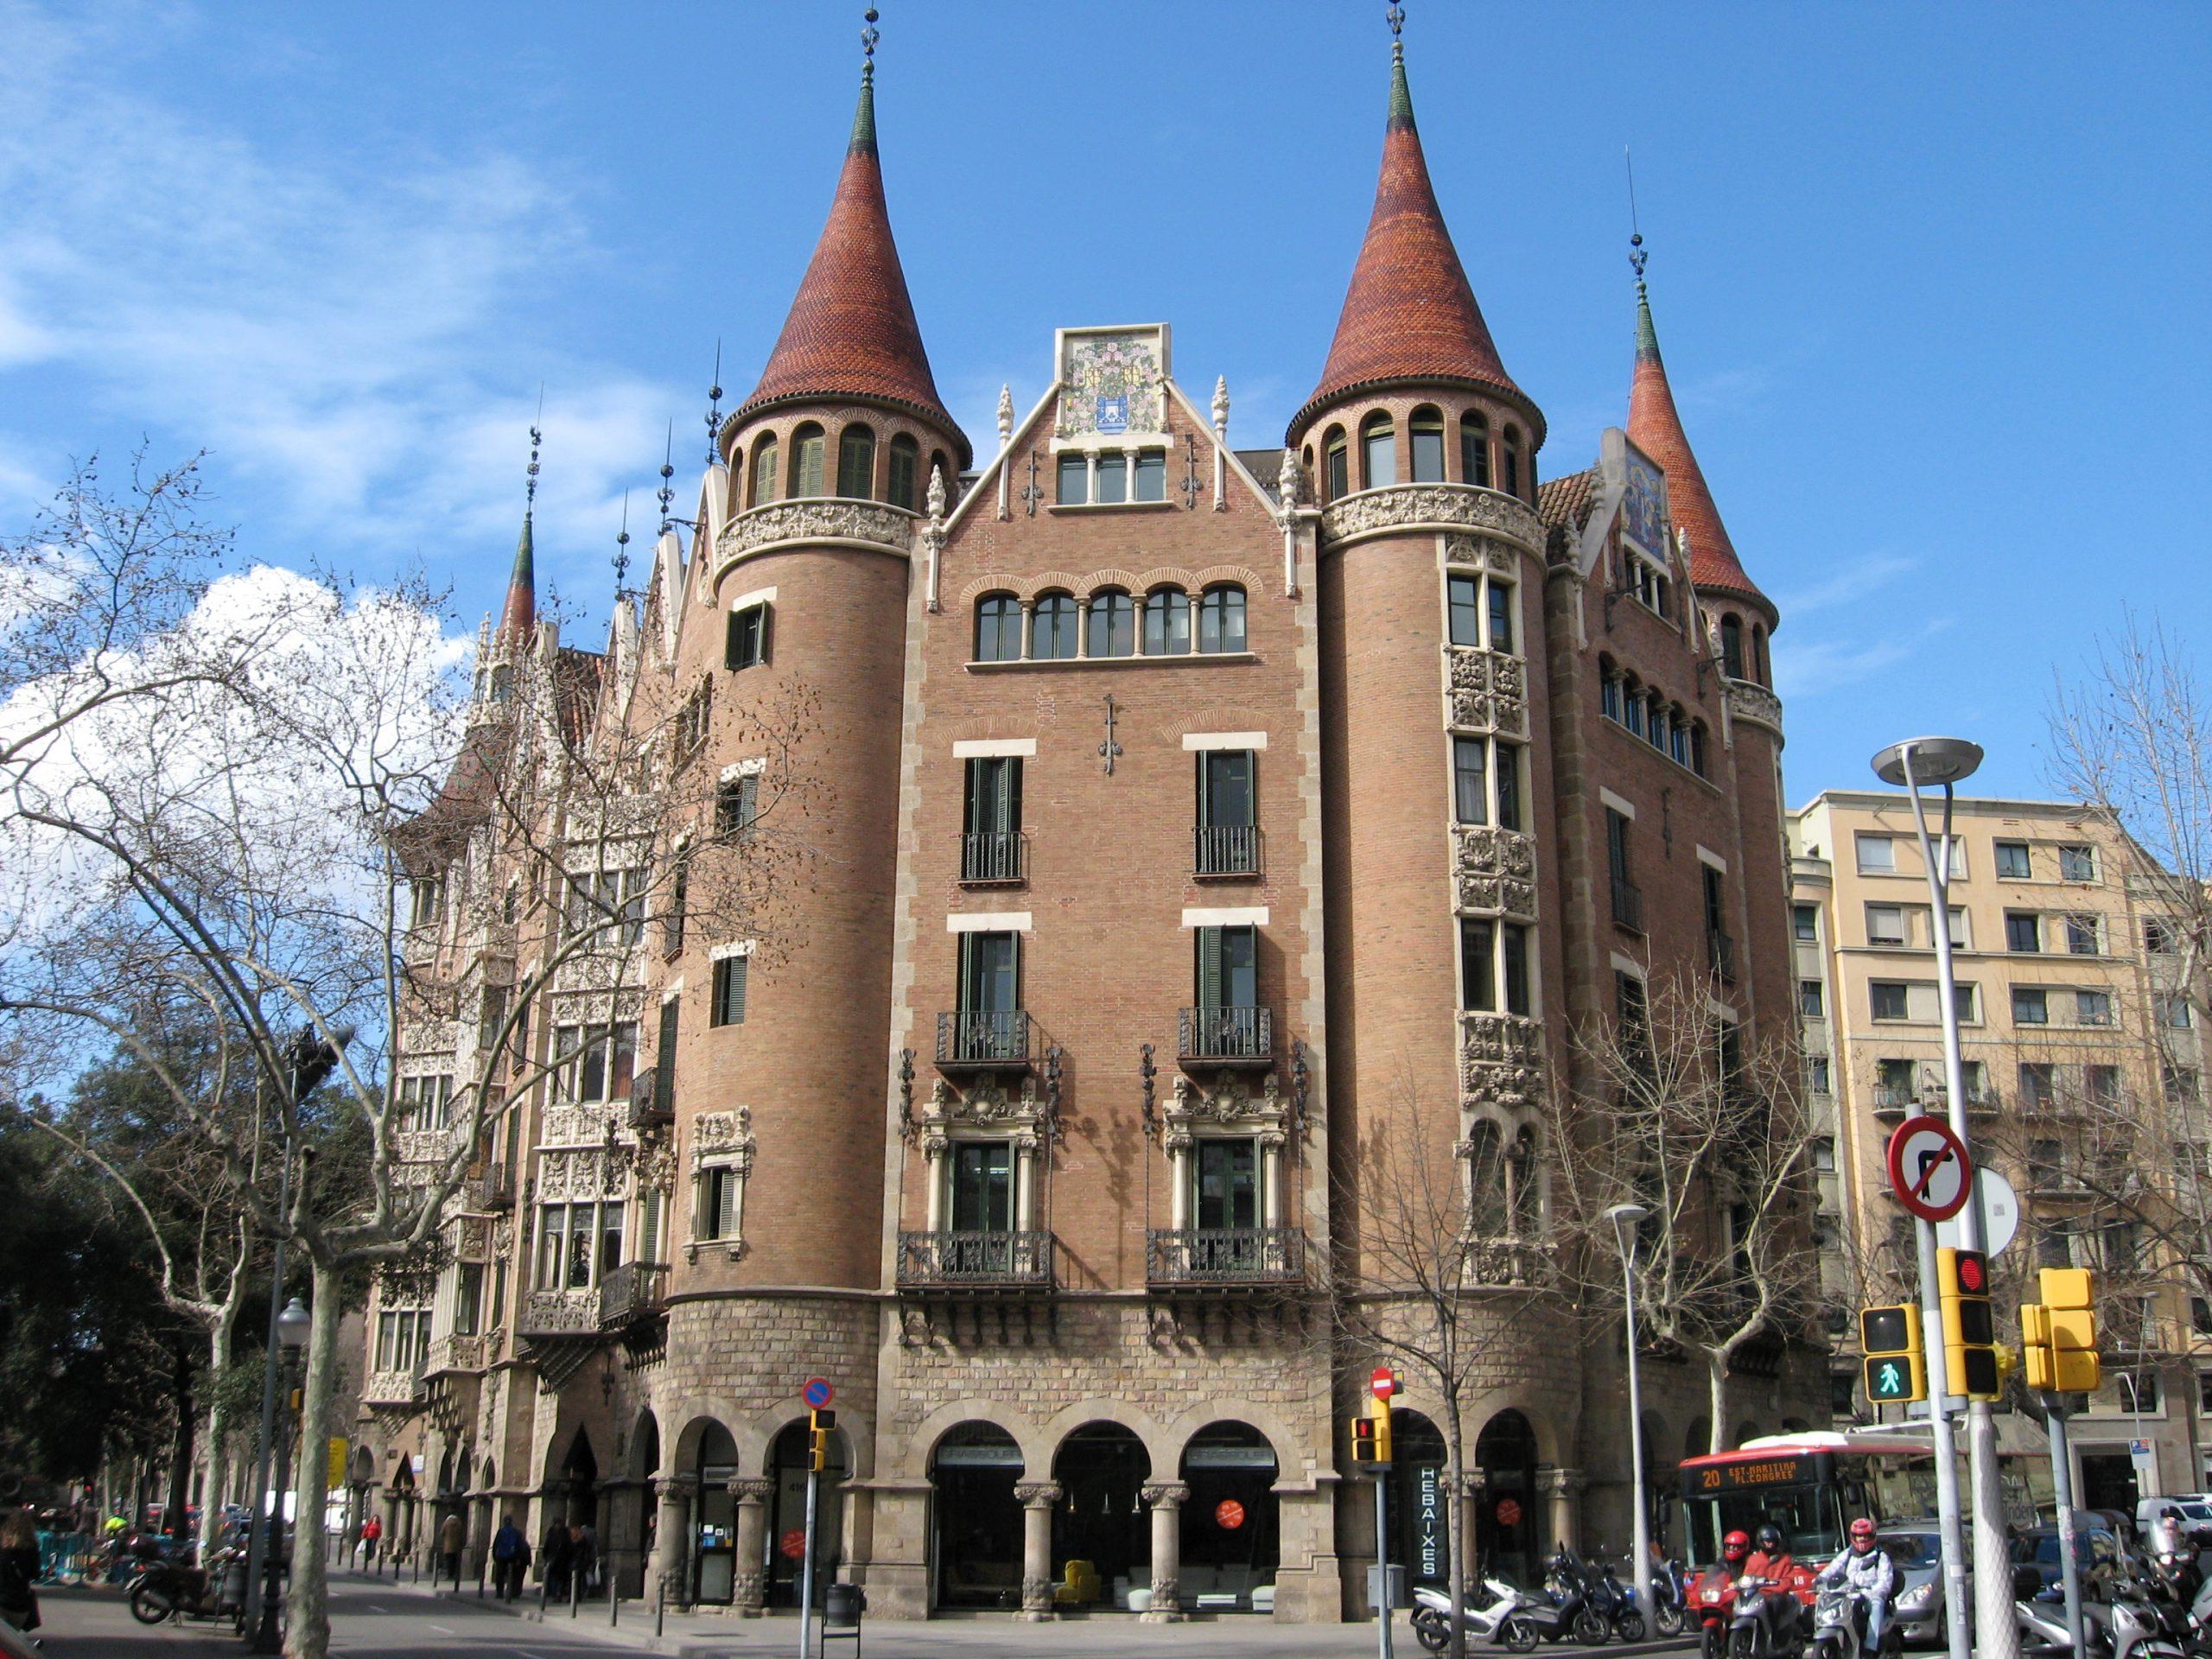 В Доме с шипами в Барселоне появился коворкинг